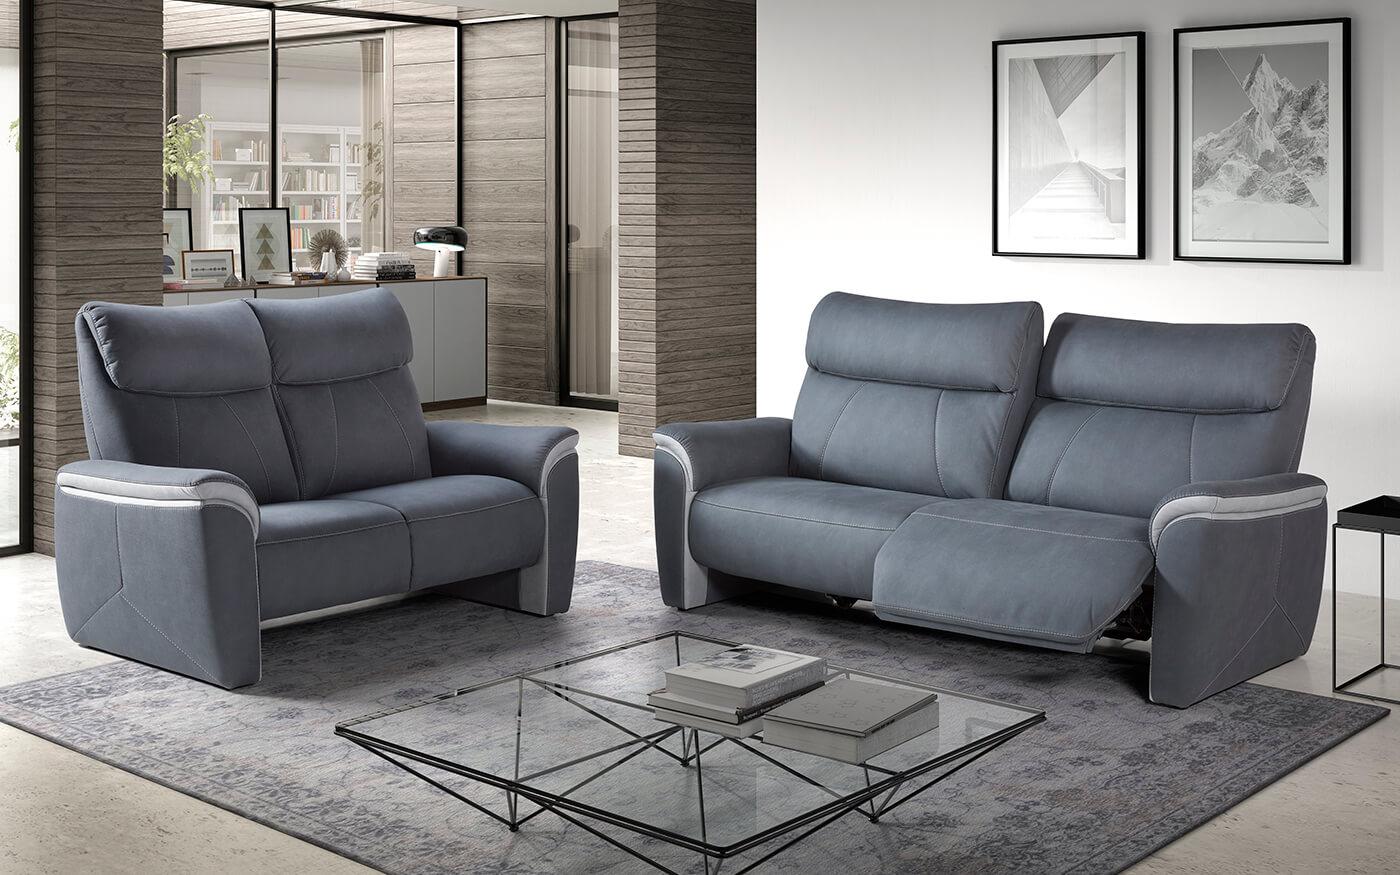 Salons met relax functie op stroom en batterij in diverse kleuren